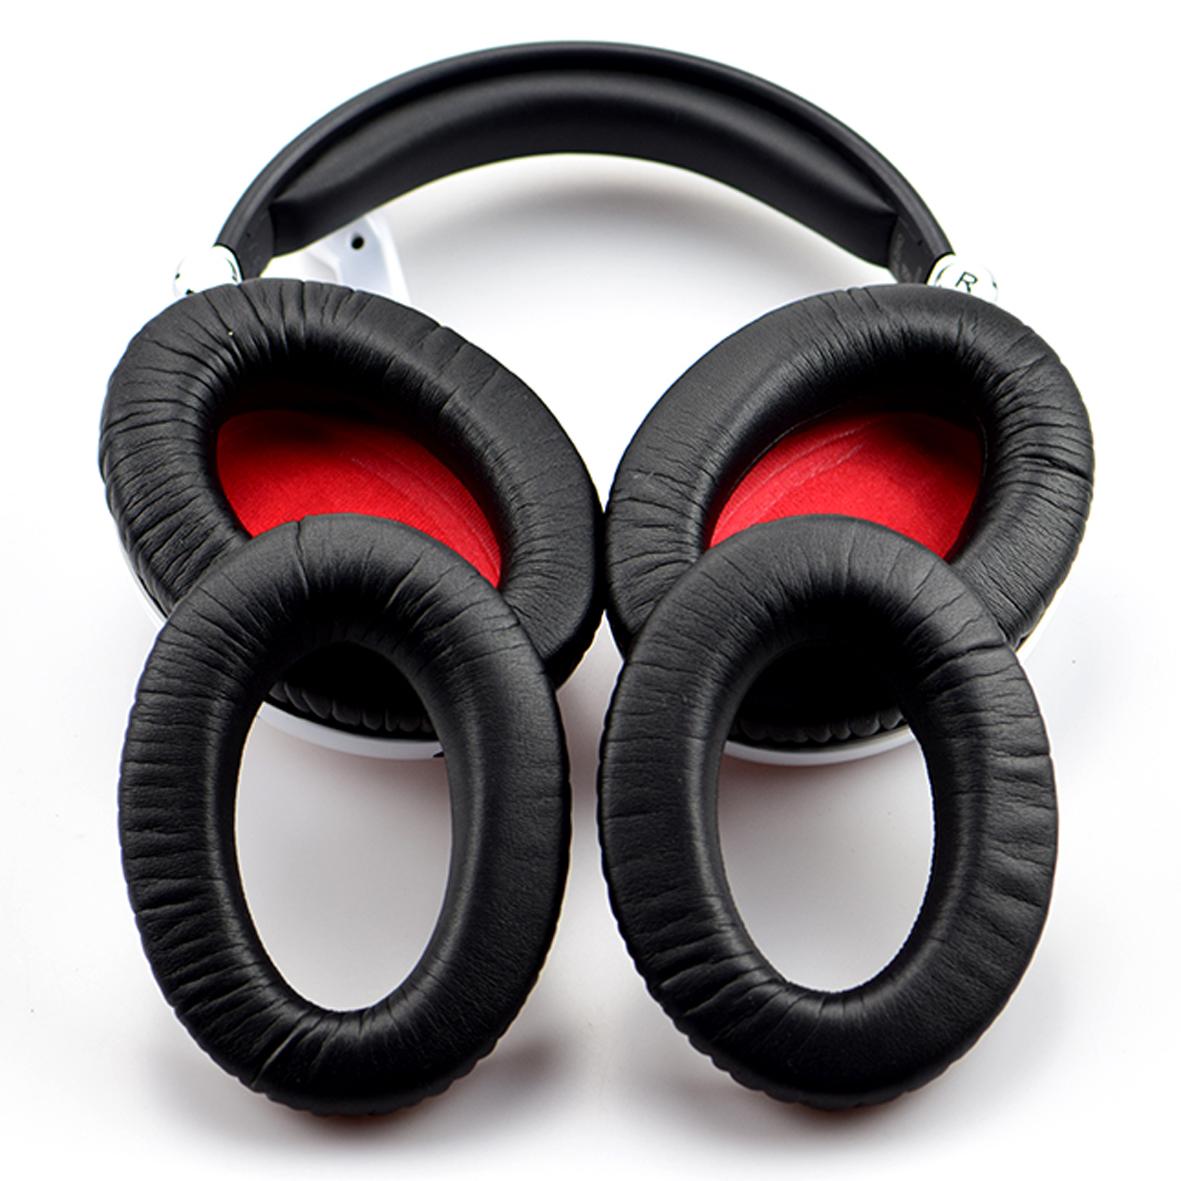 soft cushion Repacement ear pads for Sennheiser G4ME ZERO GAME ZERO  Headphones 8a3995128f0d4